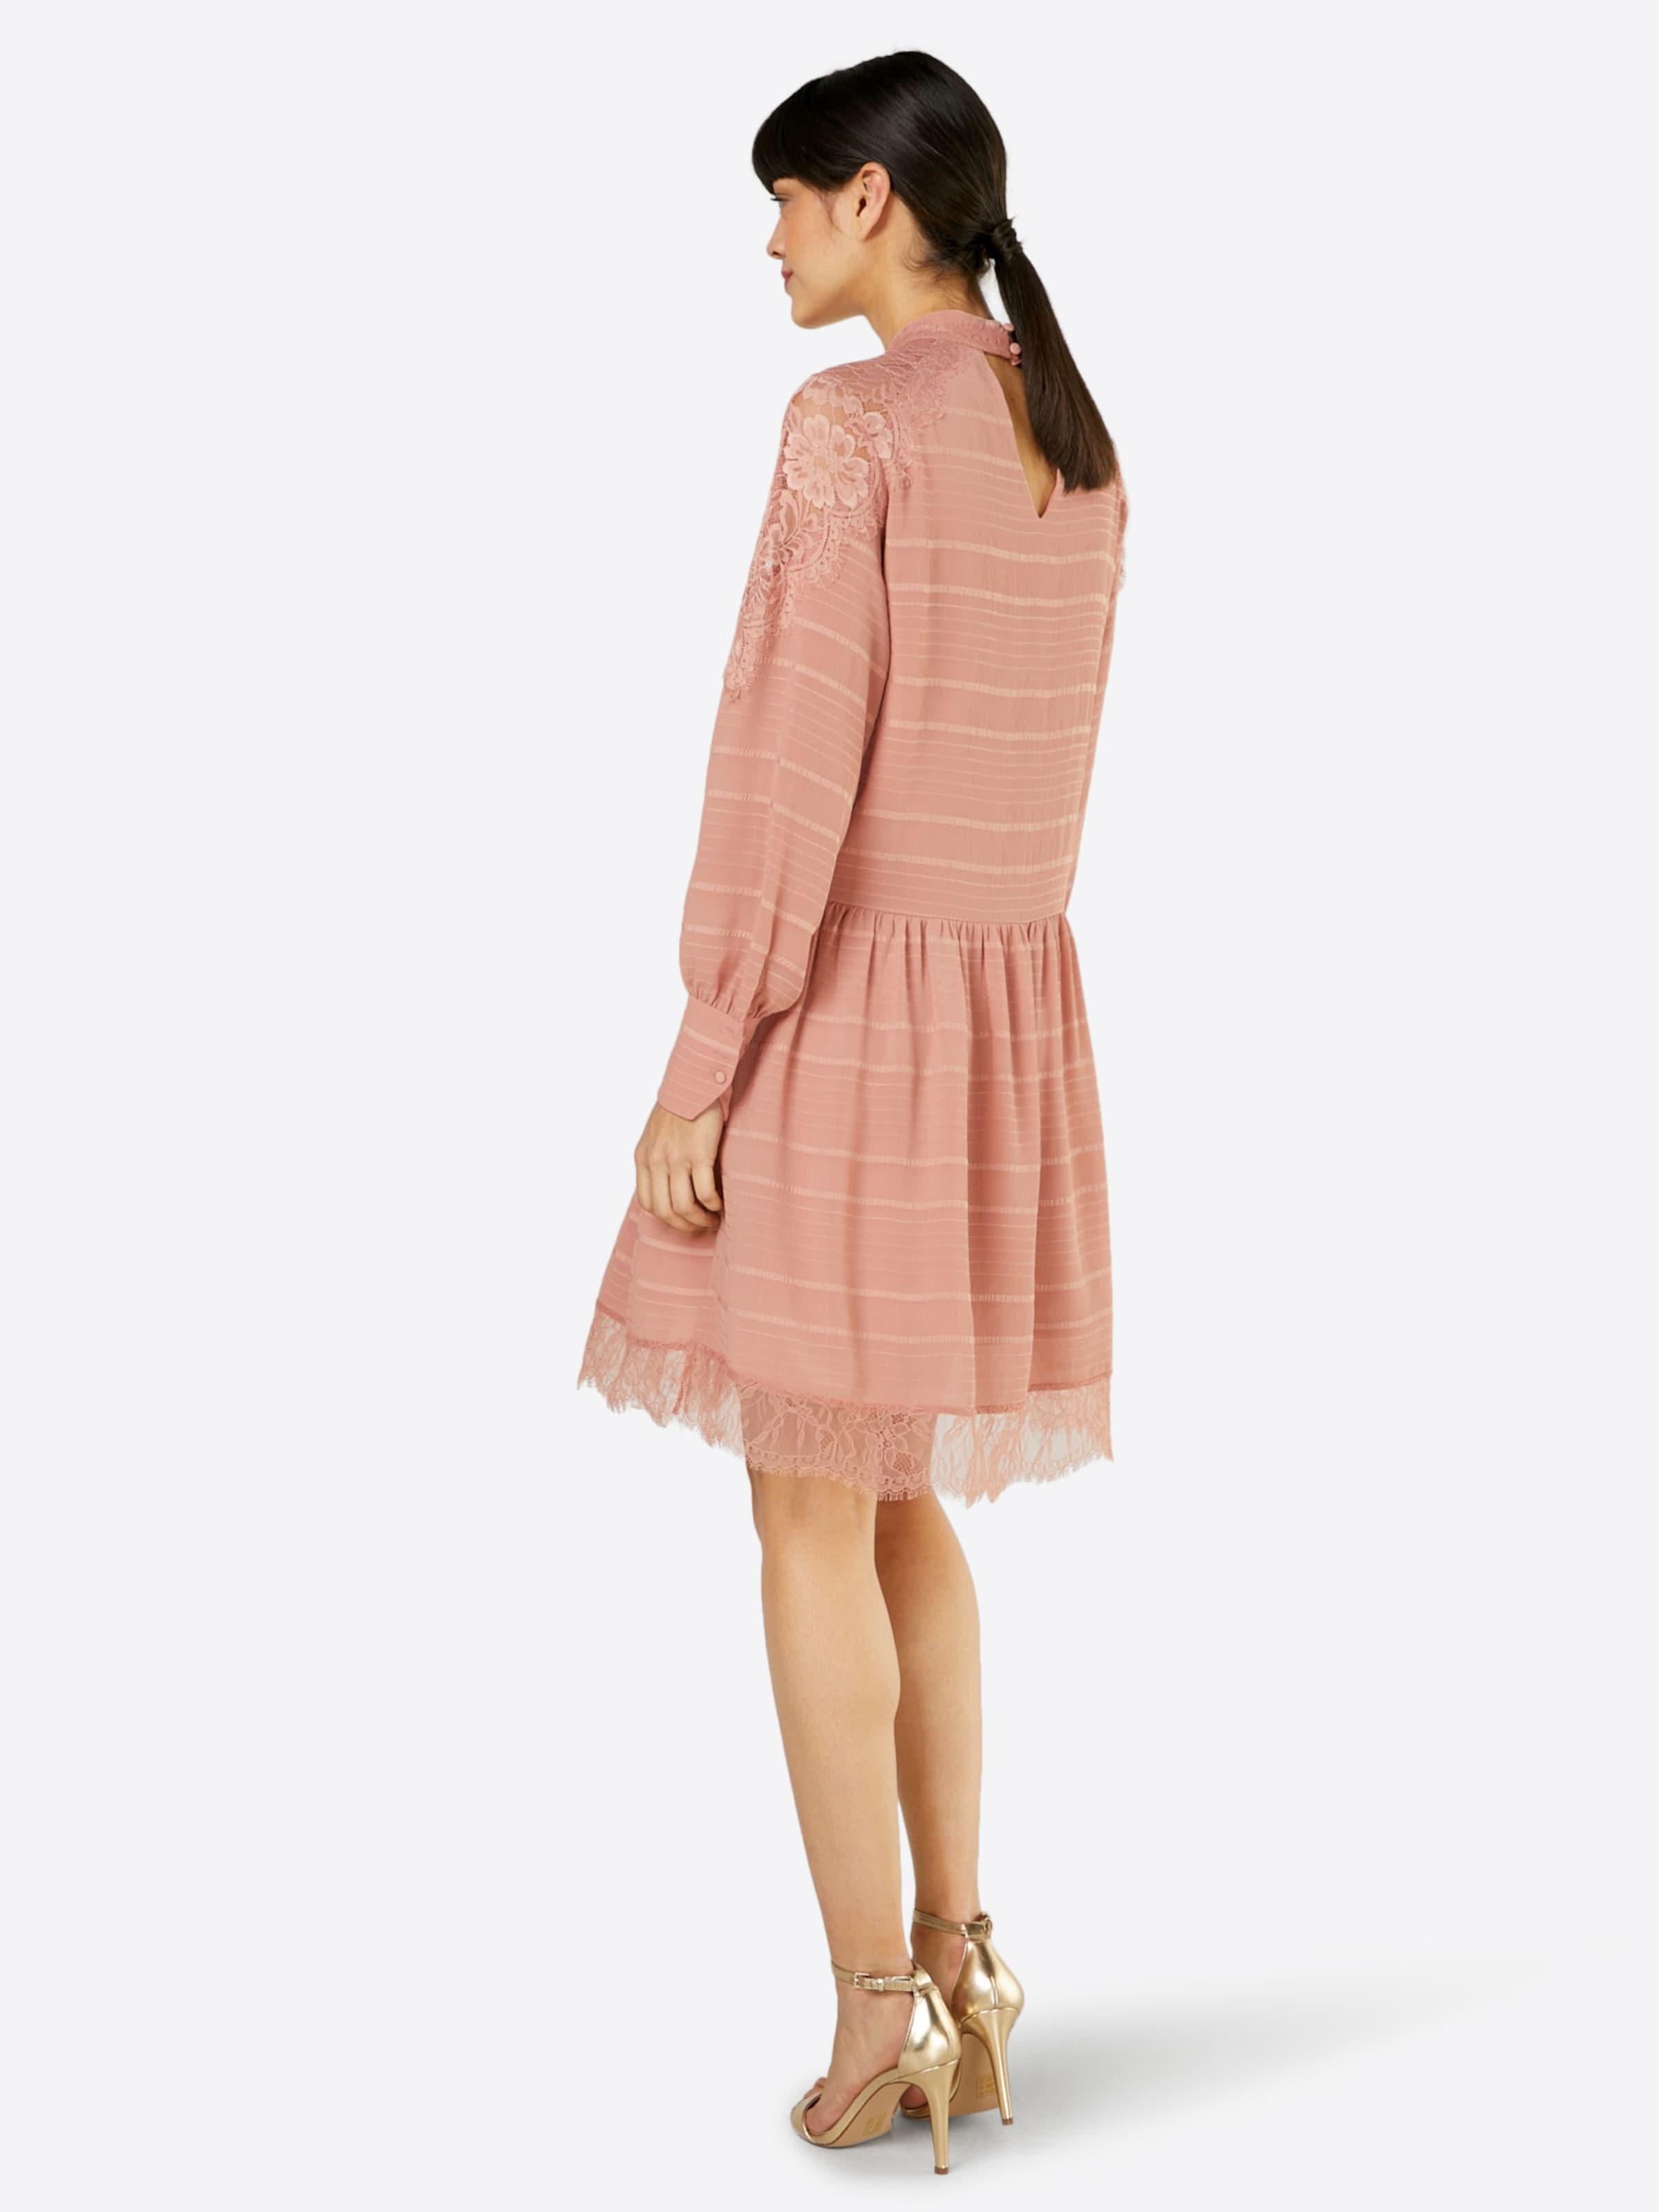 Y.A.S Kleid 'YASCAMEO' Spielraum Wählen Eine Beste URh1URIU